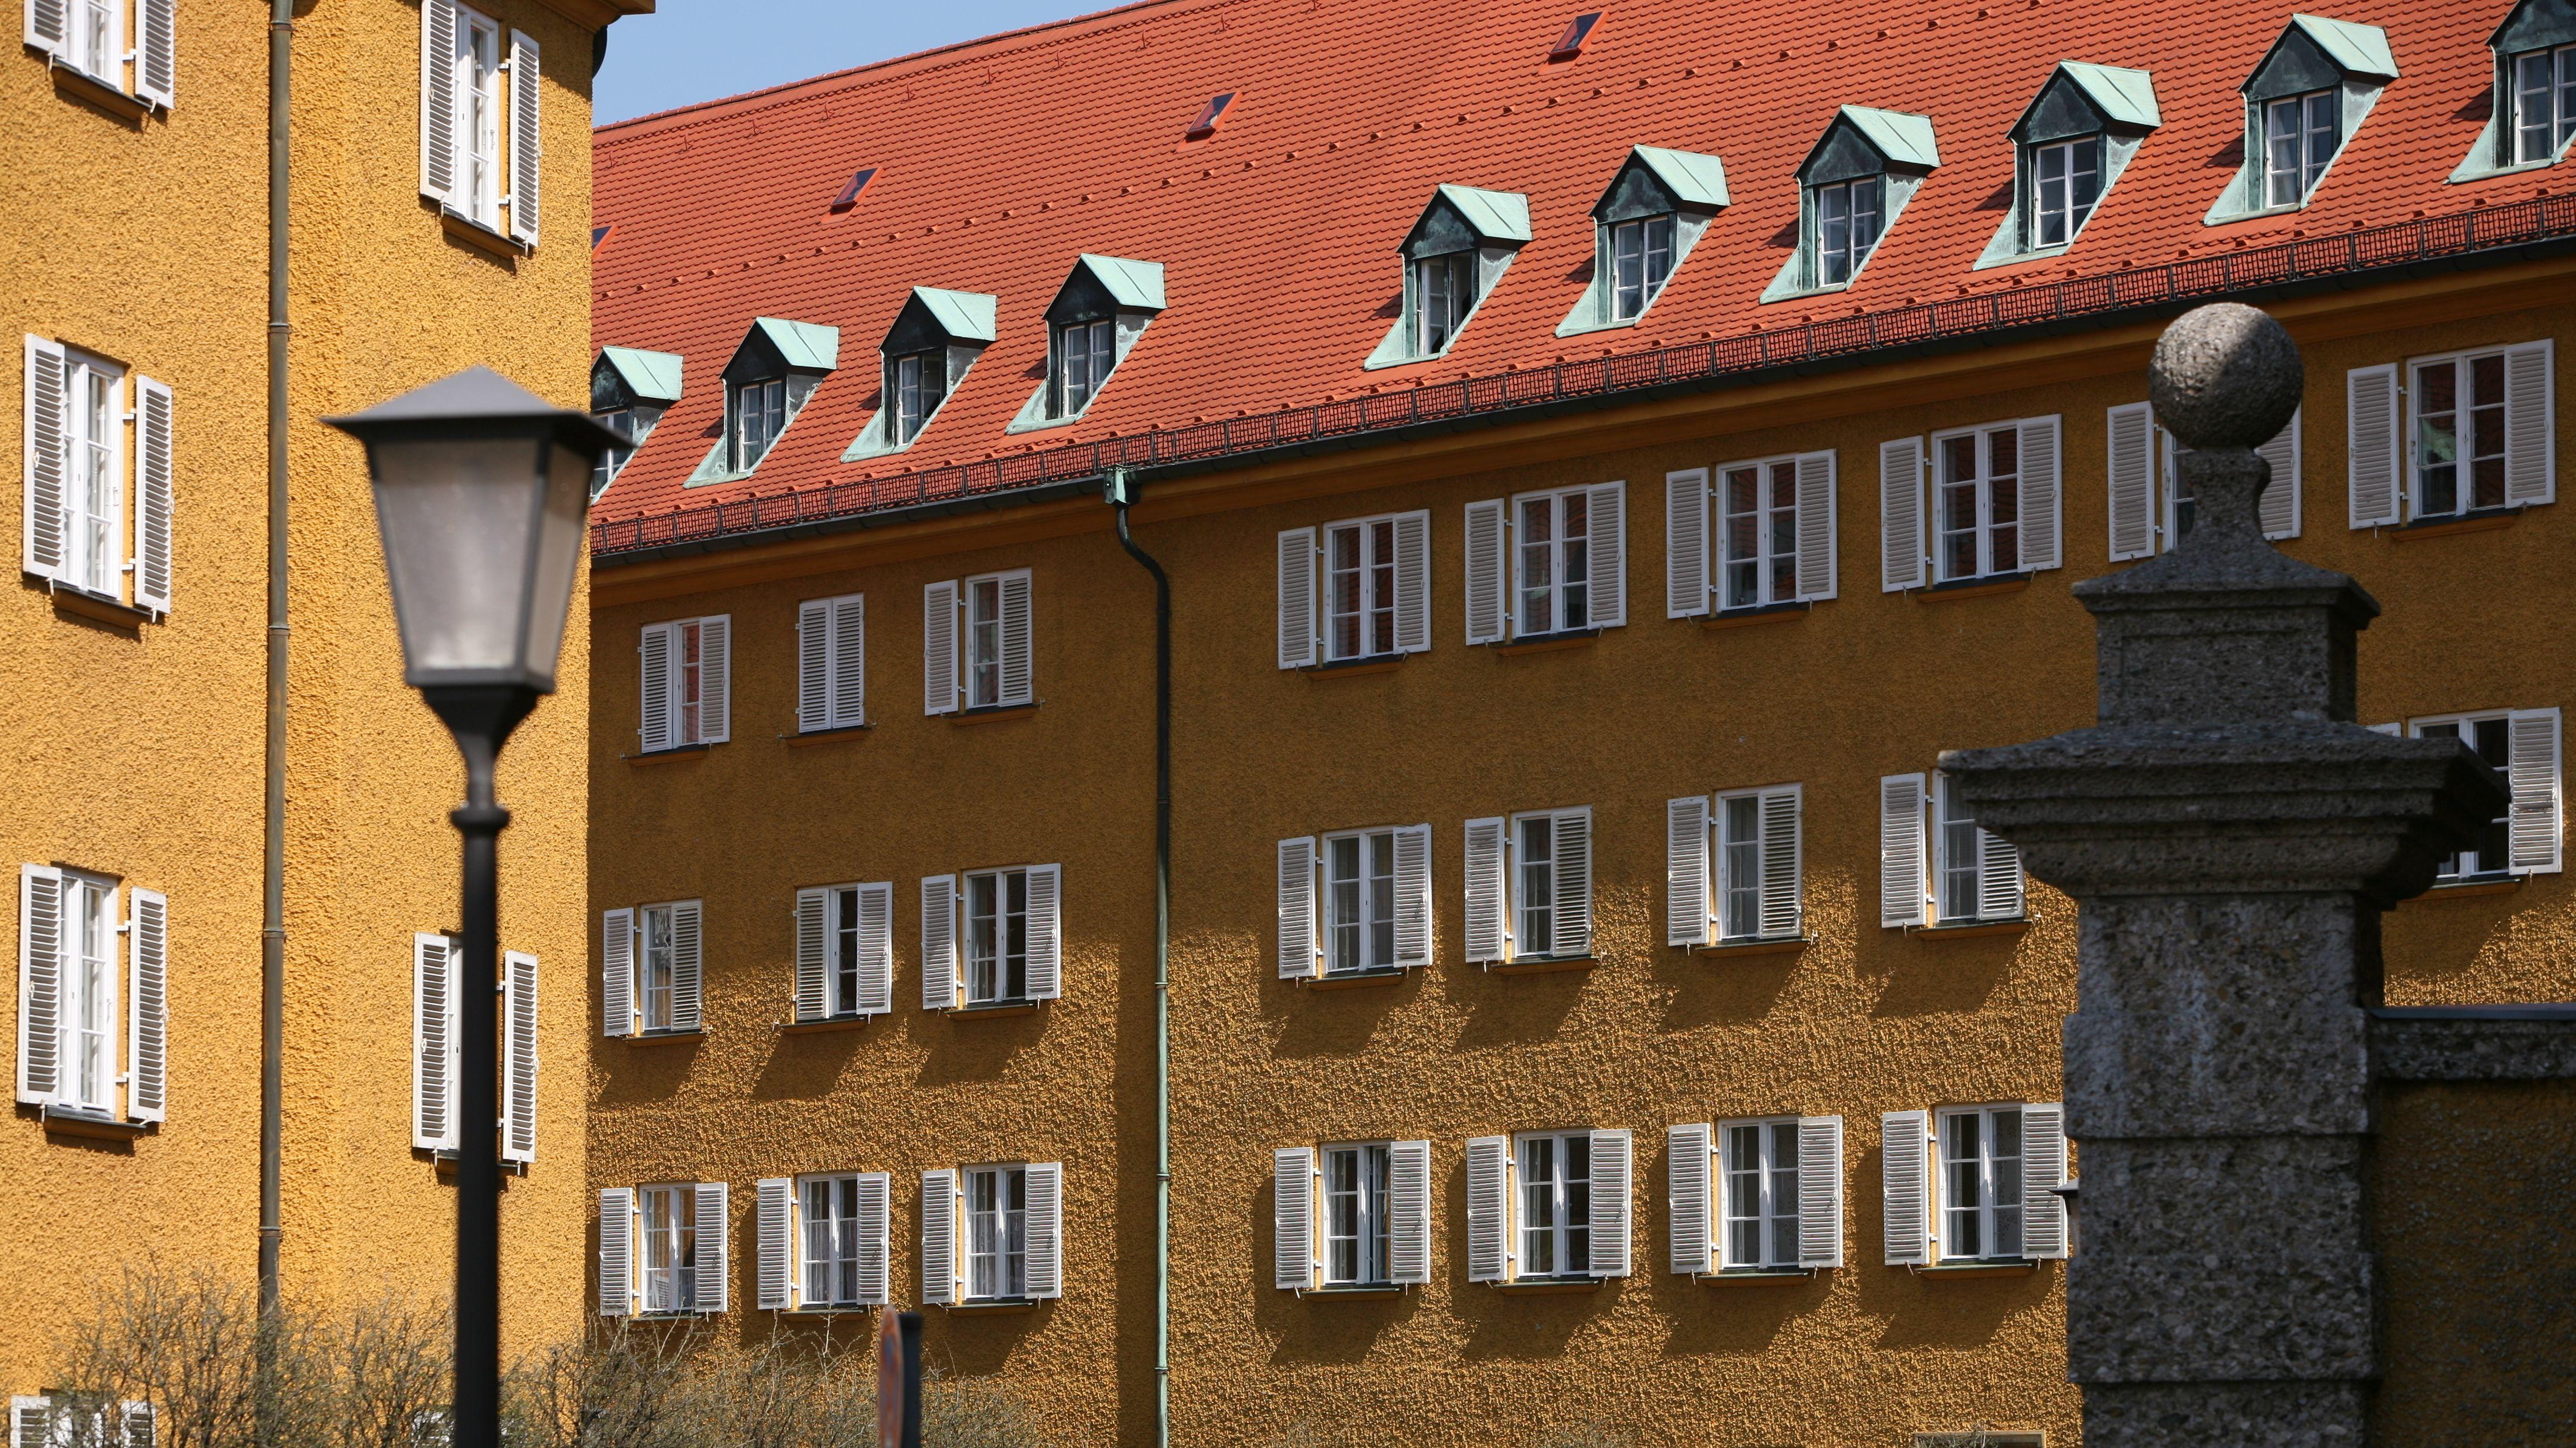 Häuser in der denkmalgeschützten Wohnsiedlung Borstei an der Dachauer Straße in München